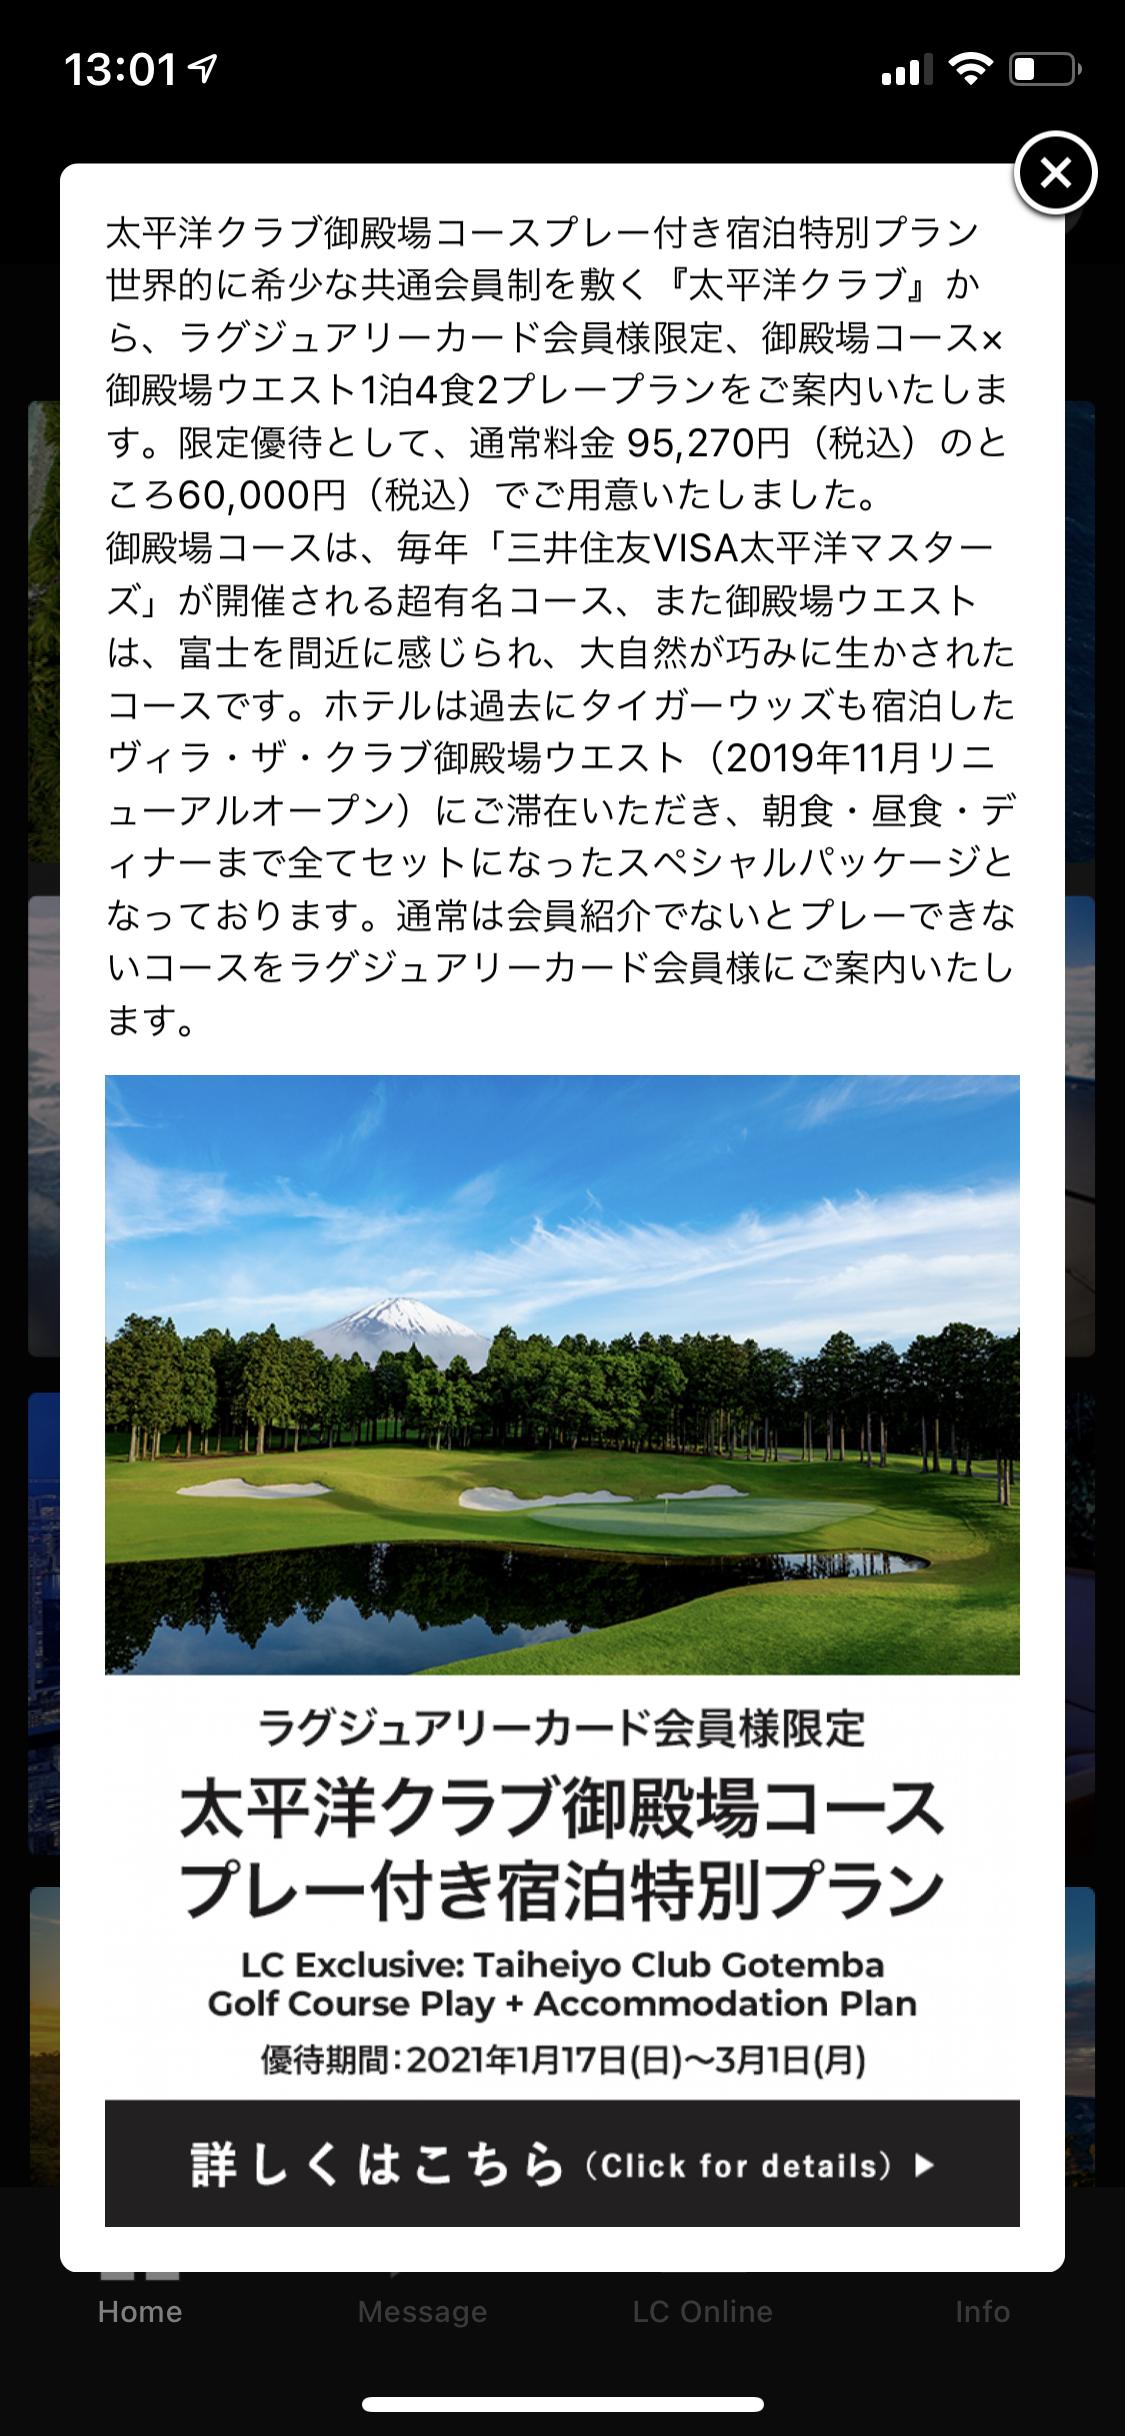 ラグジュアリーカードの太平洋クラブ御殿場コースプレー付き宿泊特別プラン (2)